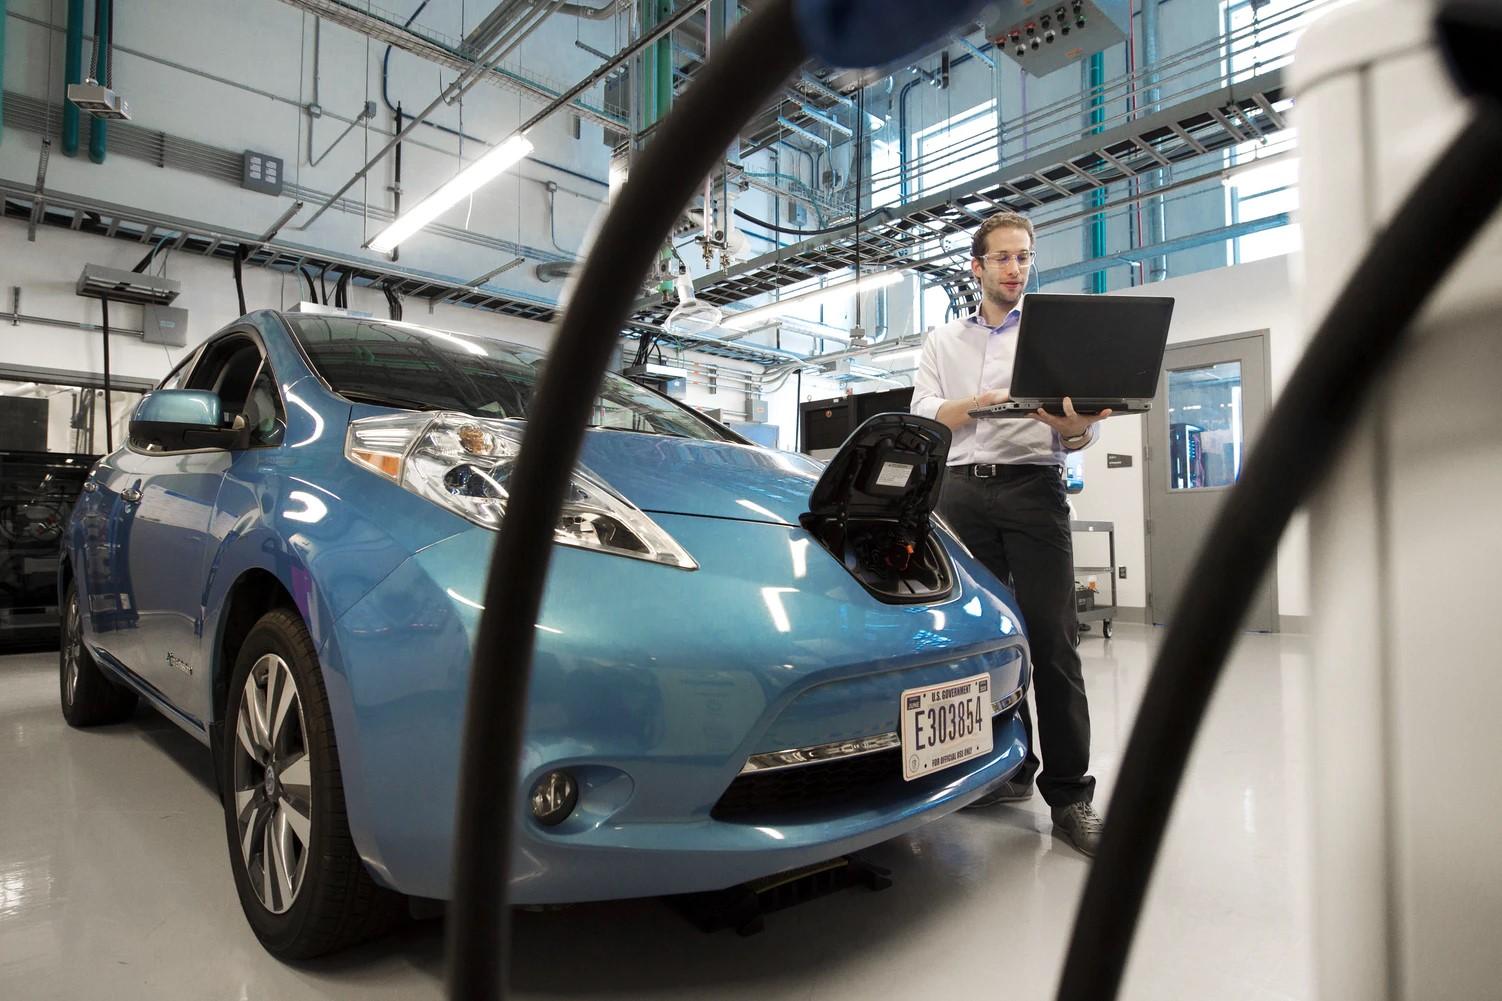 Mobilidade Elétrica: salva o planeta mesmo sobre rodas